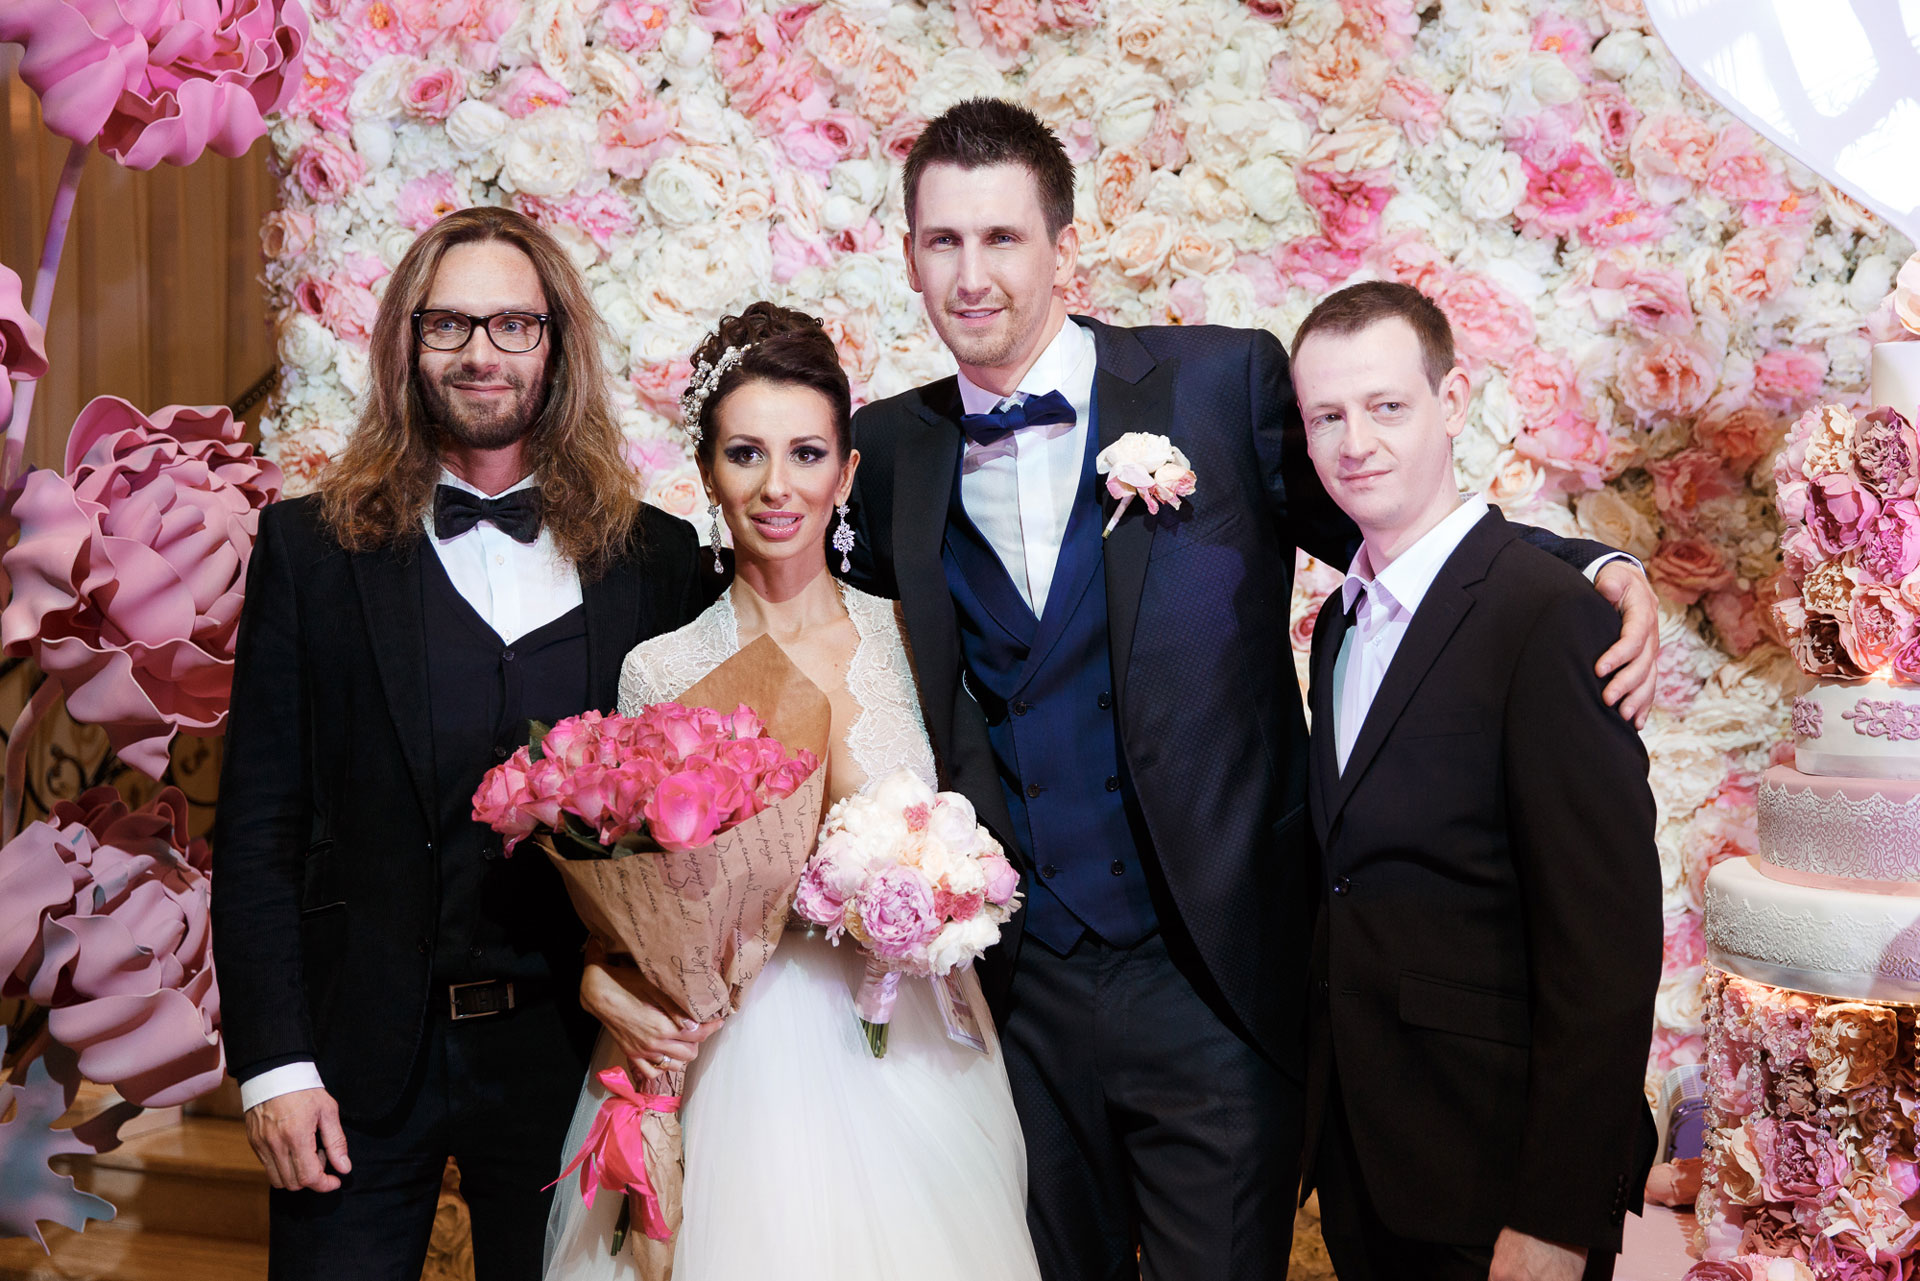 Пионовая свадьба. Свадьба Анны Грачевской и Артема Кузякина фото 33